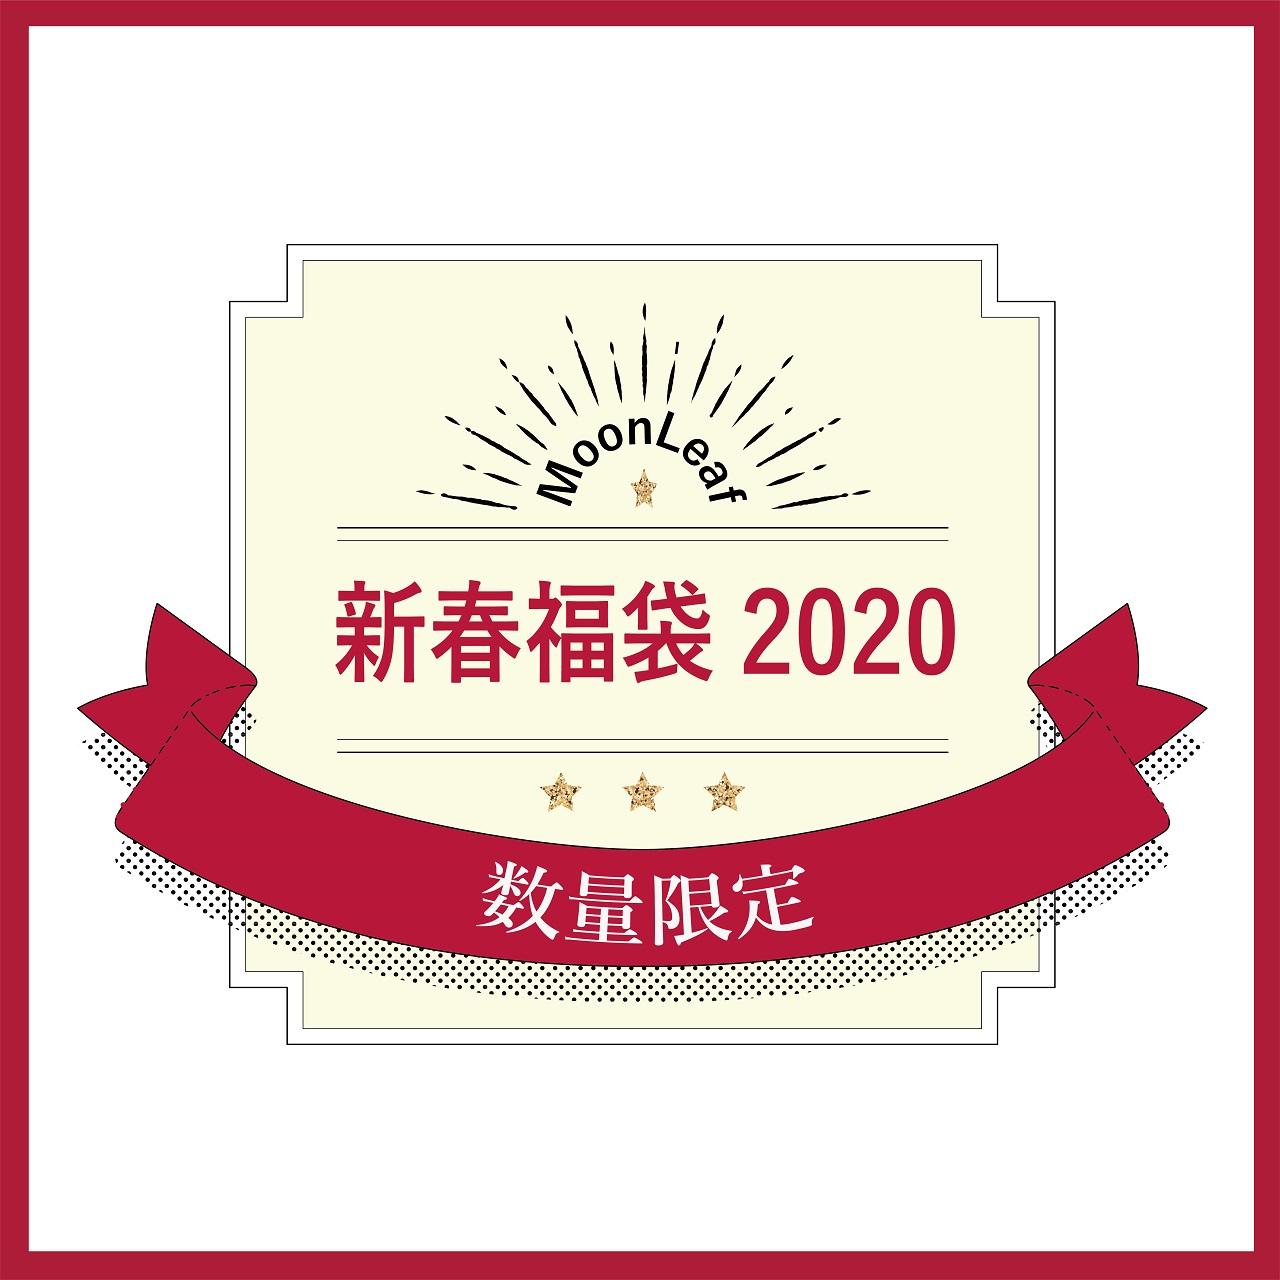 今年ももうすぐ!! <数量限定>新春福袋2020予約販売